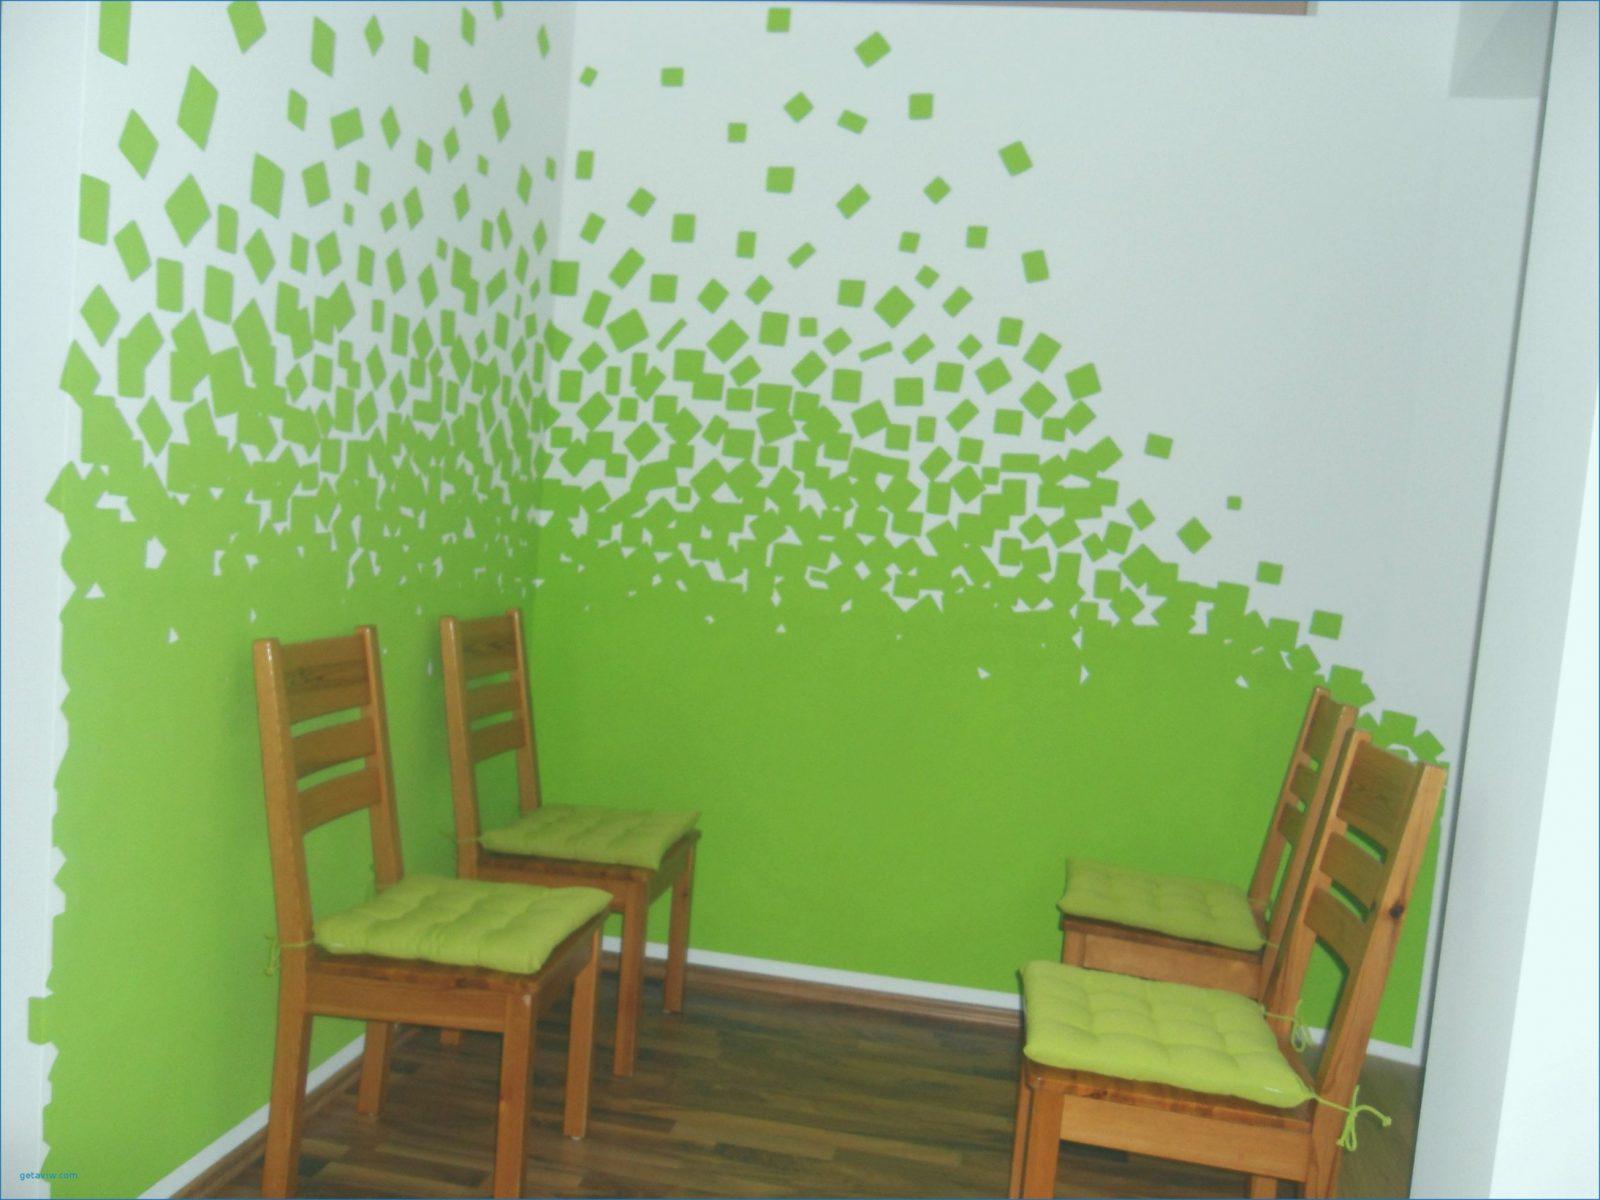 72 Einzigartig Wände Ohne Tapete Gestalten Bild  Tapete Gallery von Wände Ohne Tapete Gestalten Photo